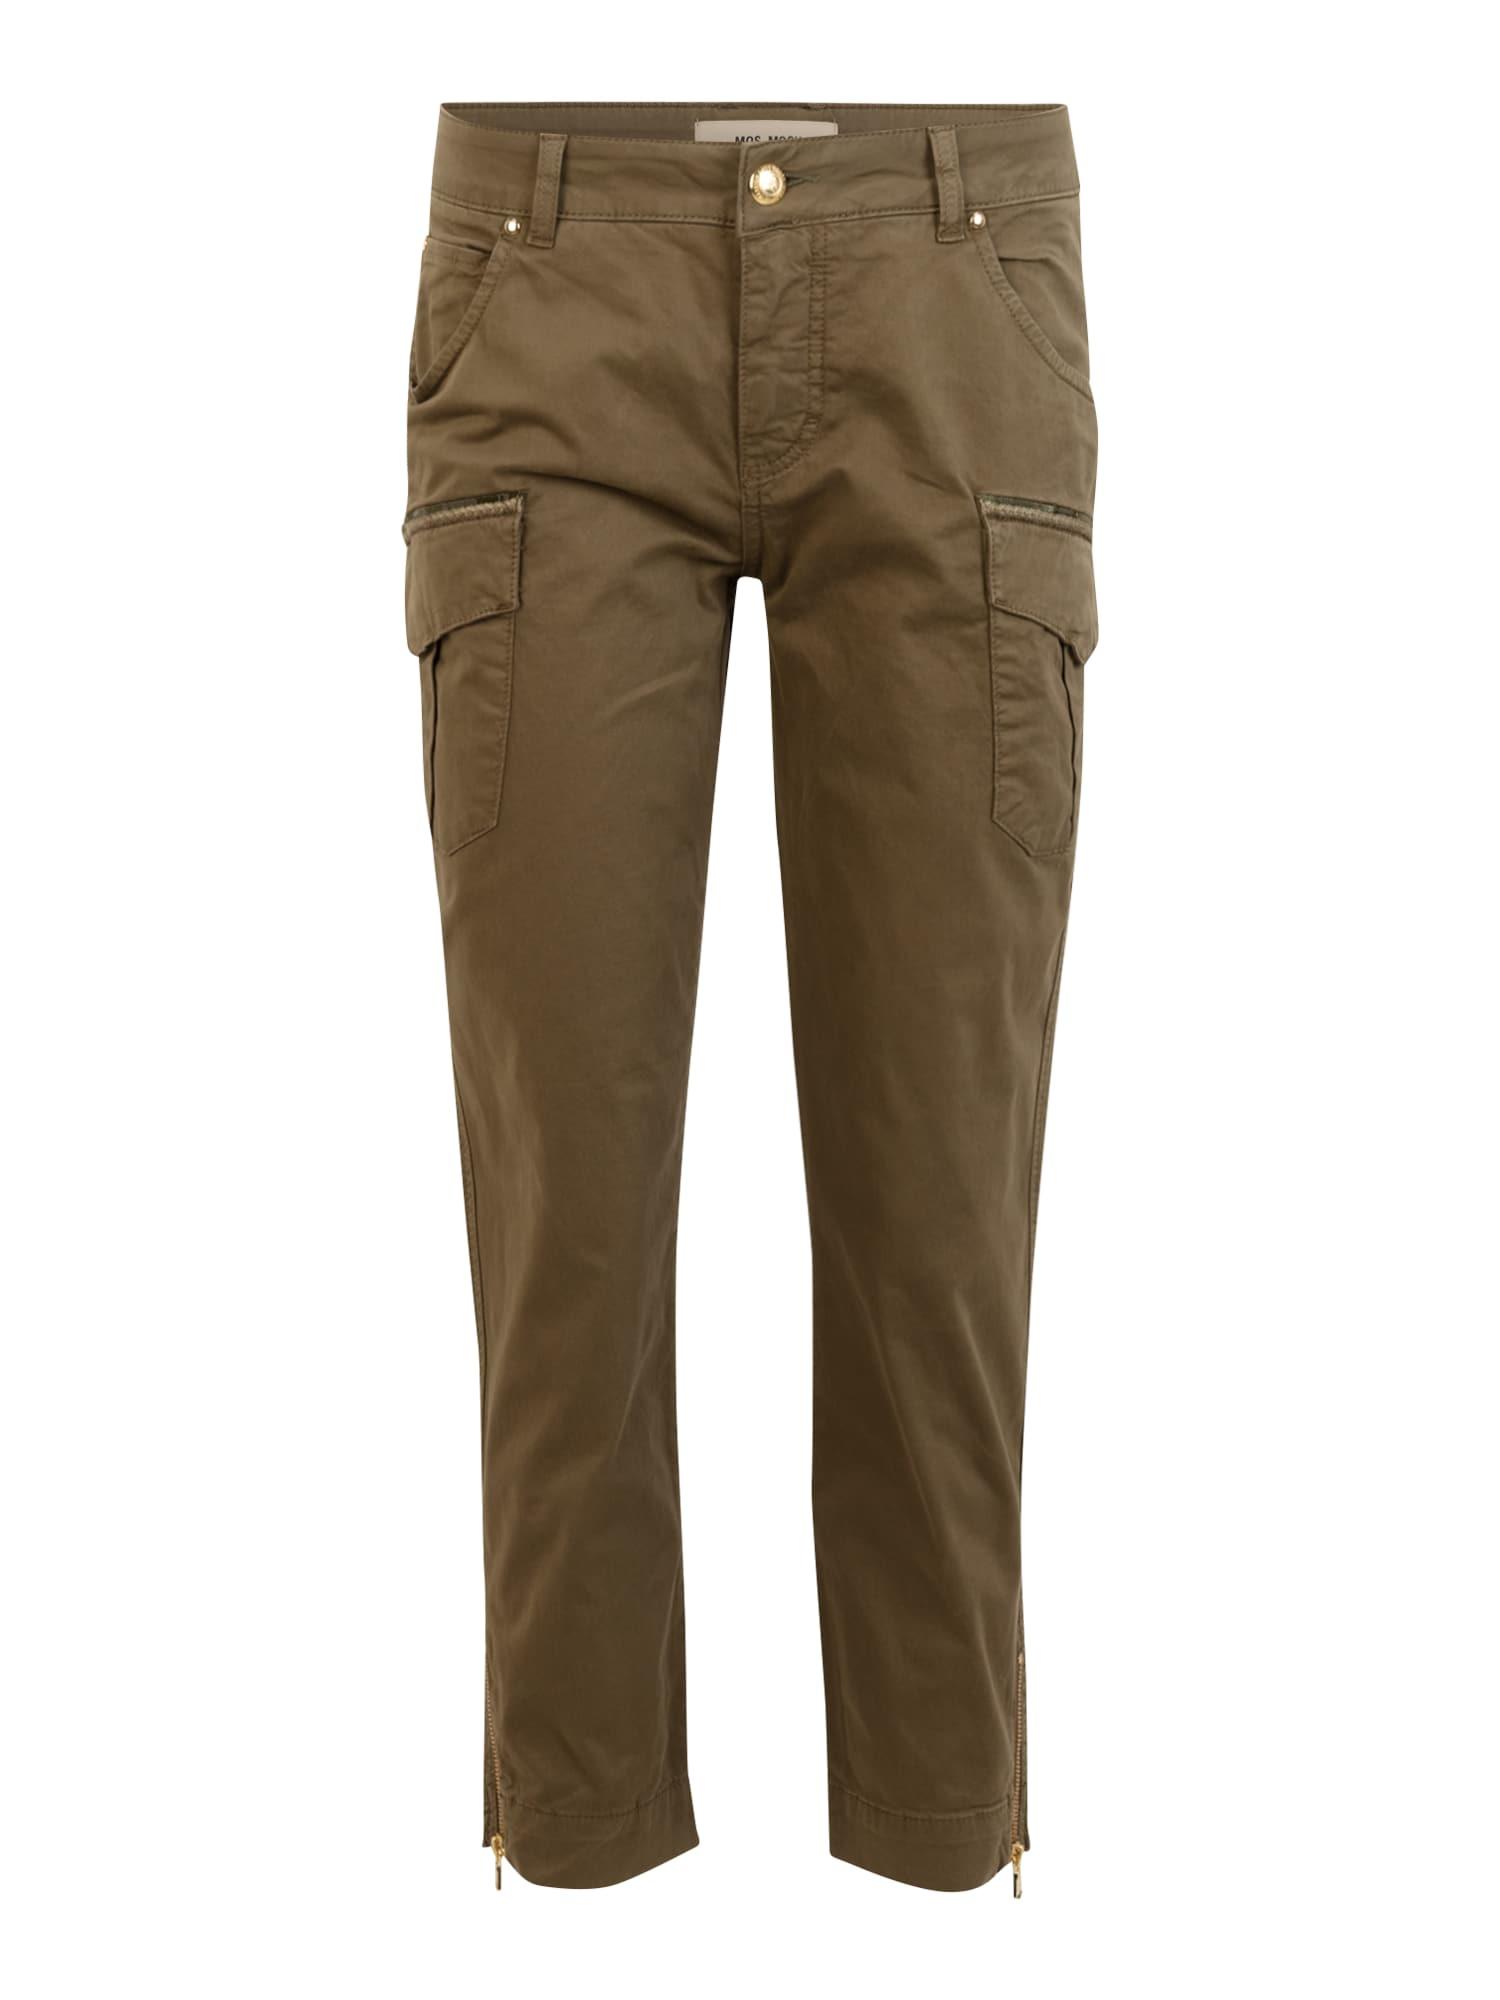 MOS MOSH Laisvo stiliaus kelnės